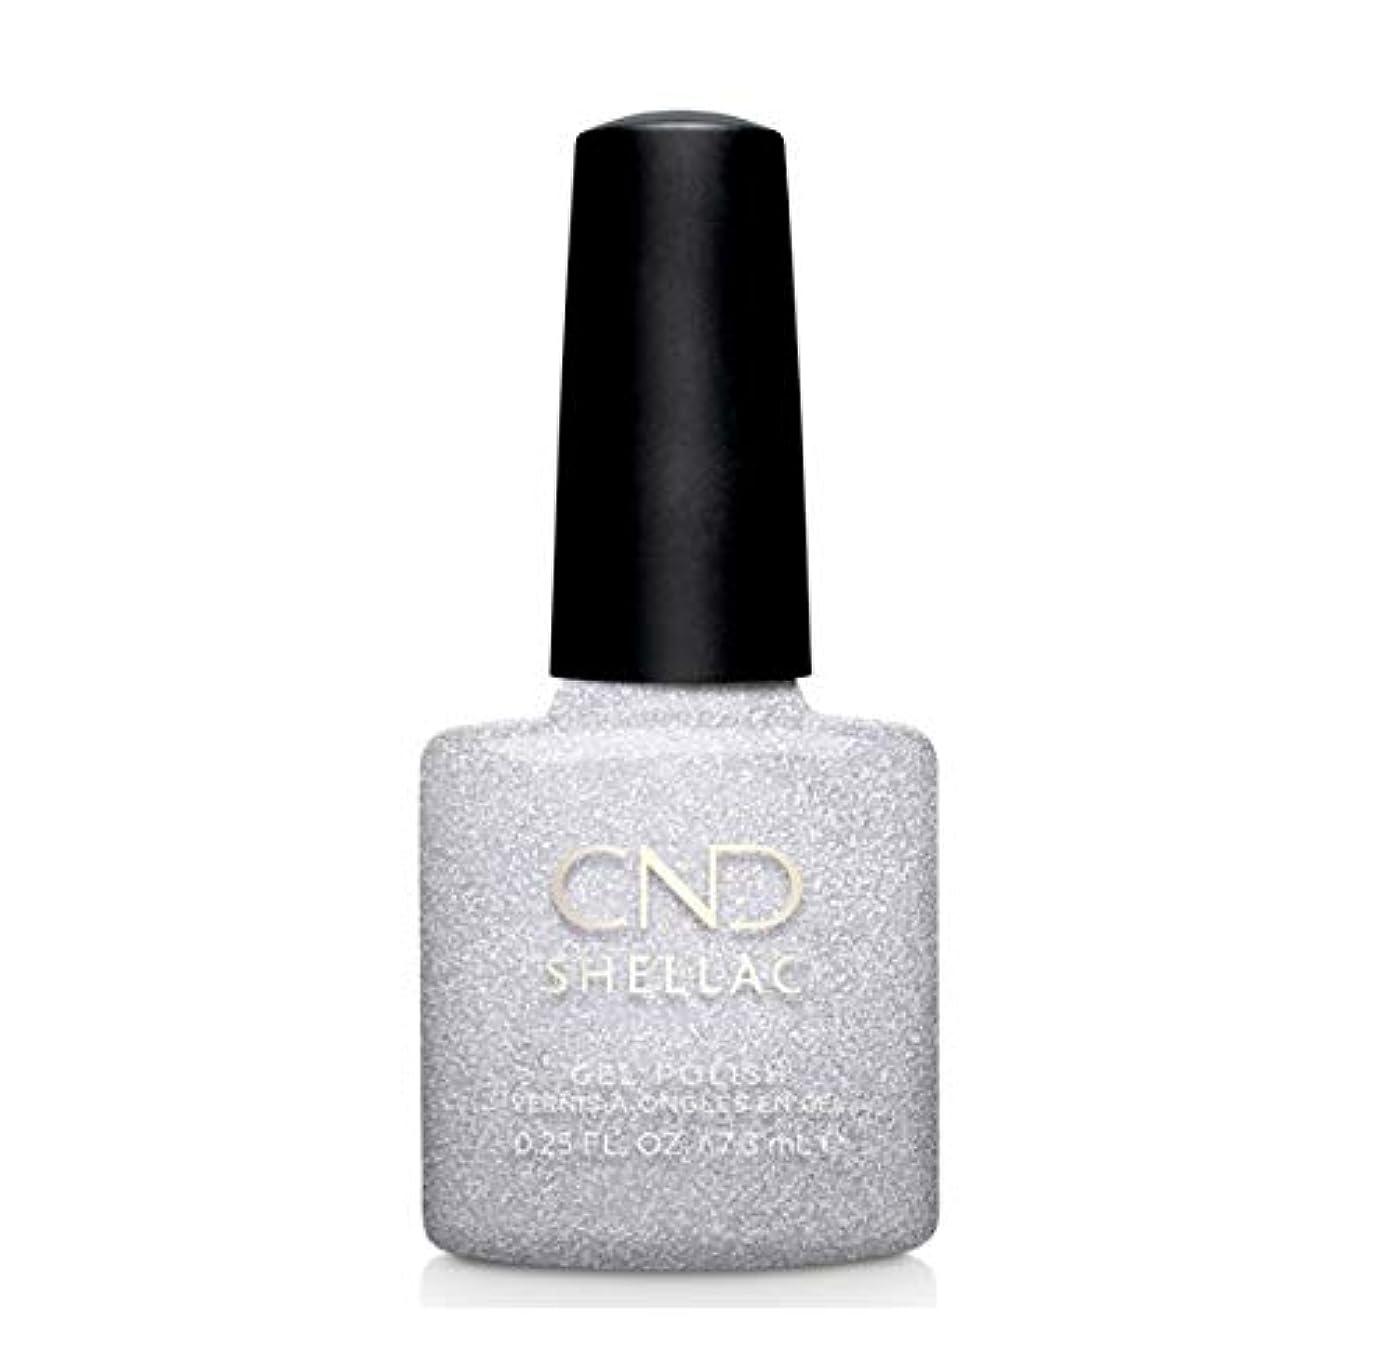 CND シェラック カラーコート 291 7.3mL UV/LED対応